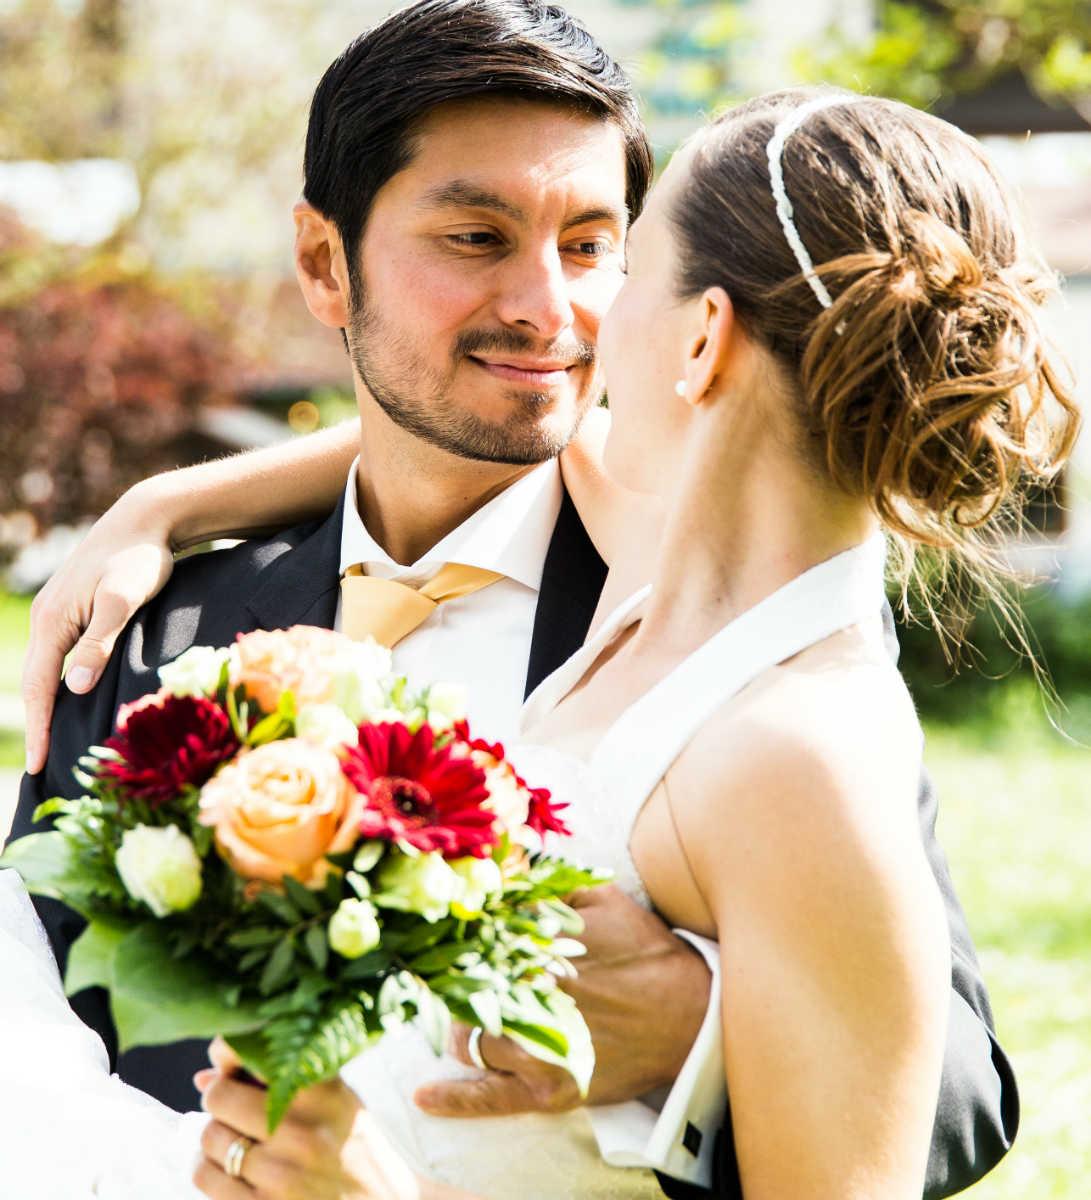 Verliebter Blick des Bräutigams